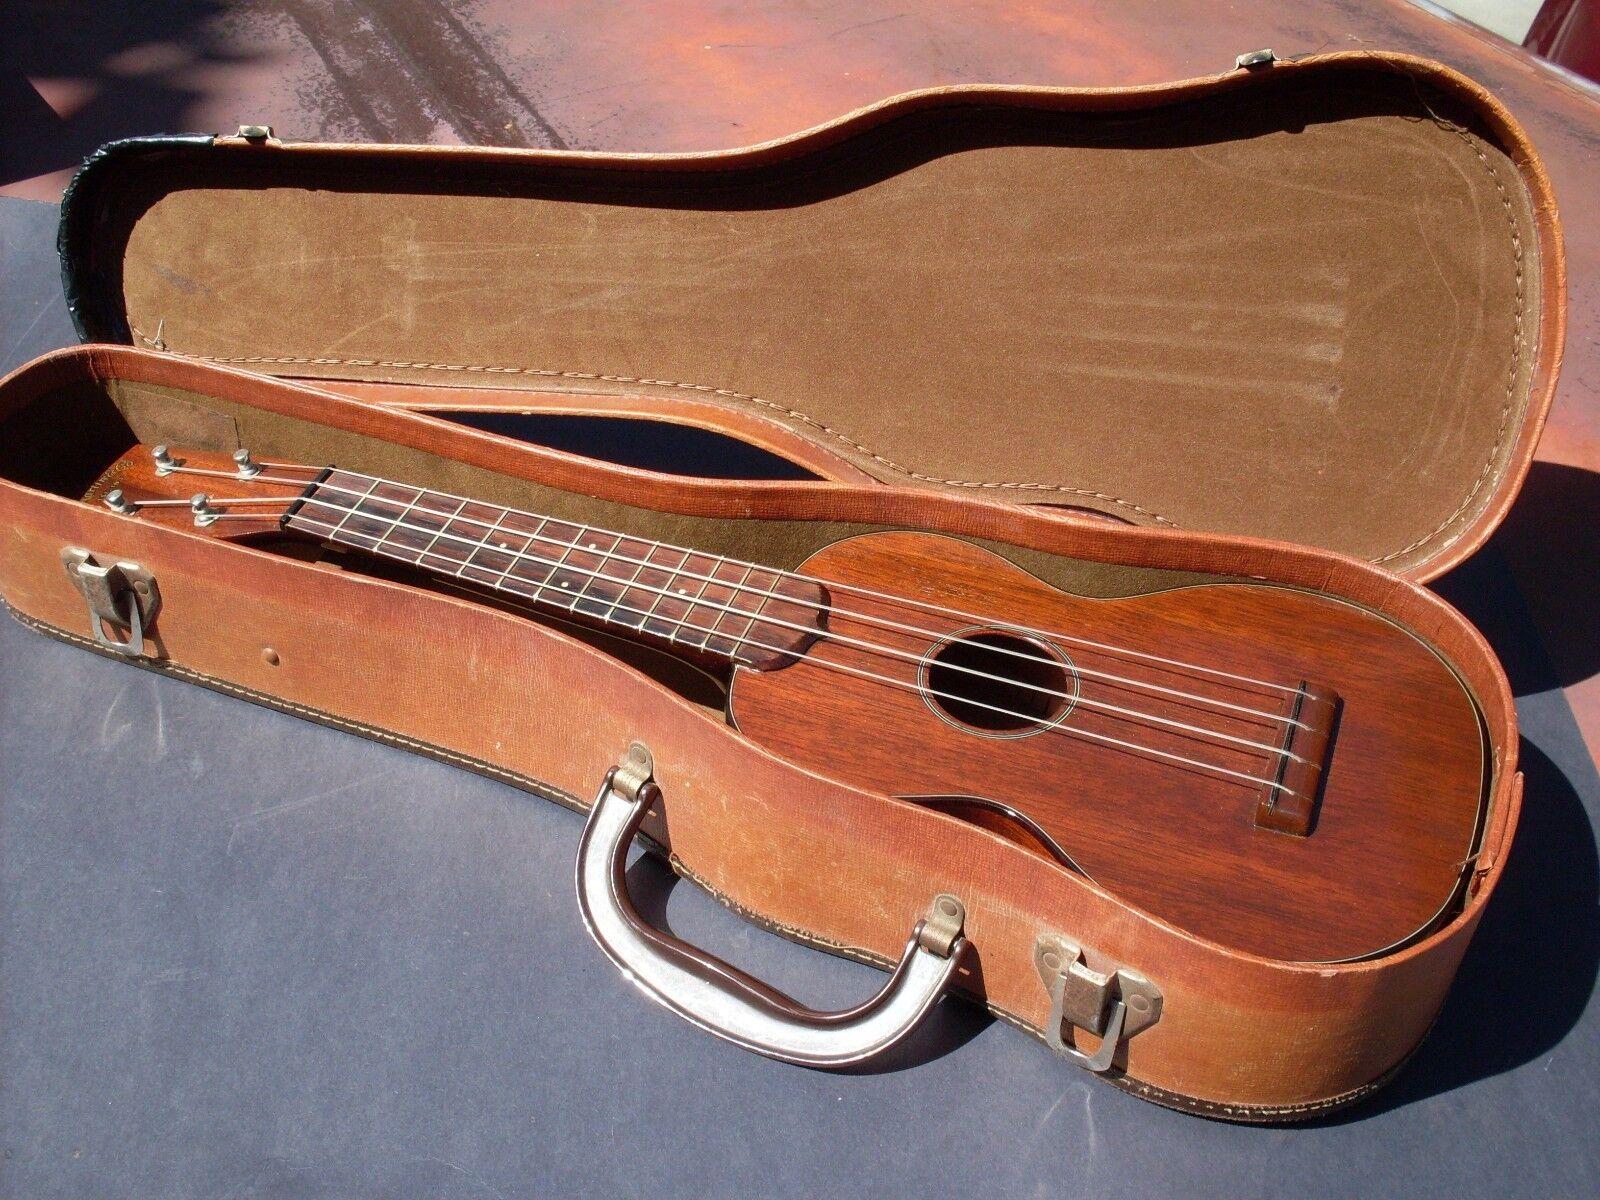 Década de de de 1950 Vintage Estilo Martin Ukelele Soprano 1 Muy Buen Estado  100% precio garantizado